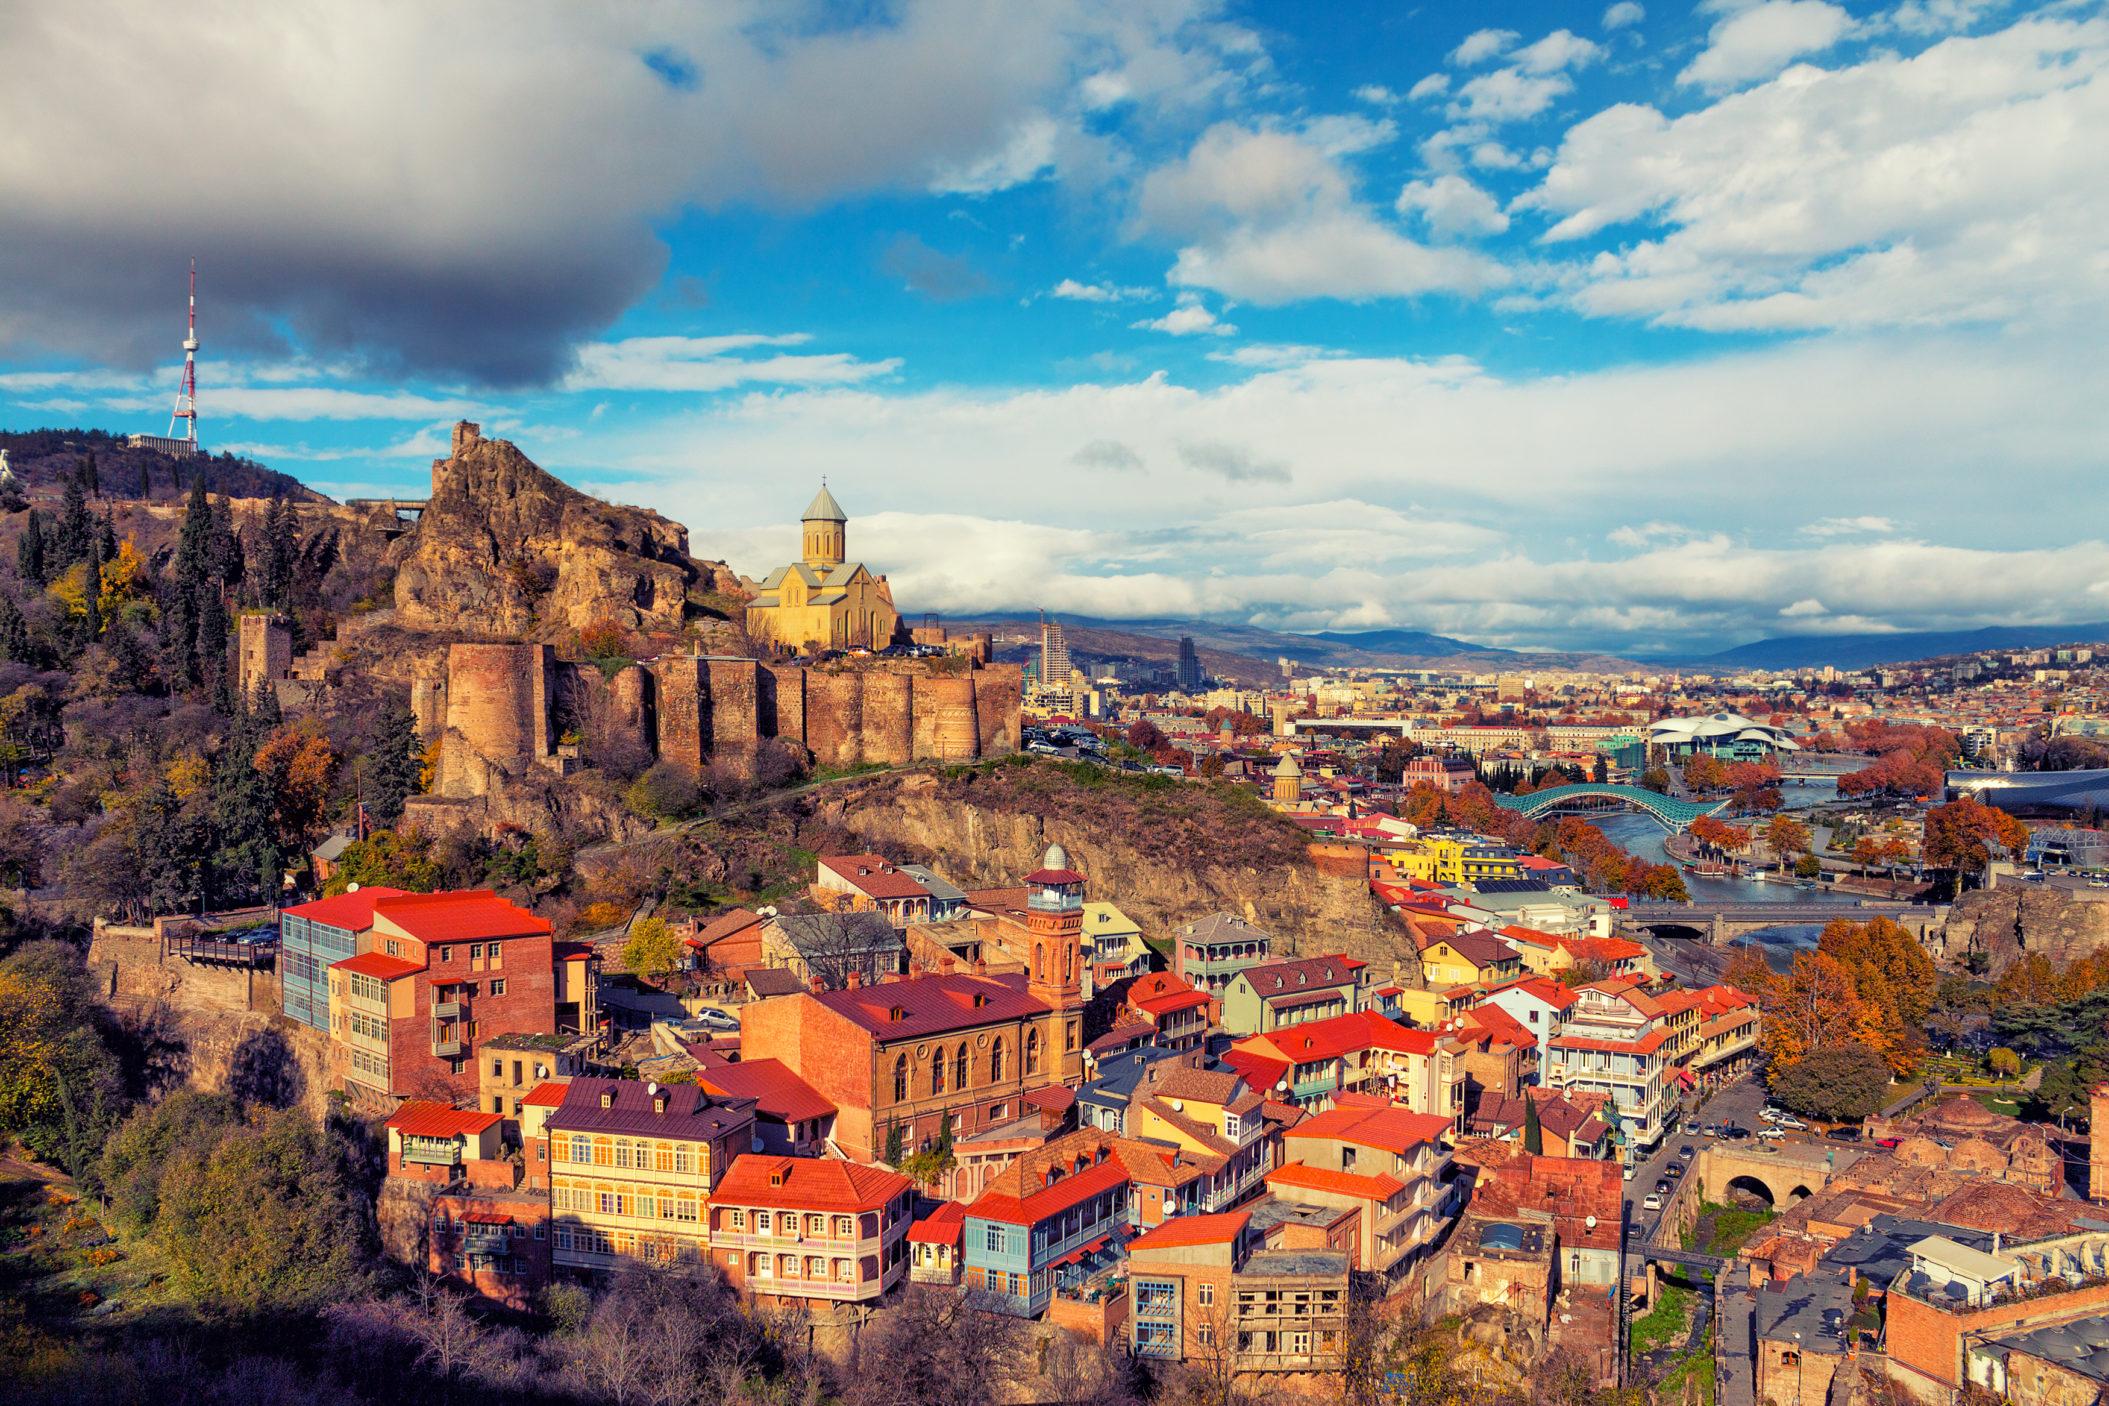 Georgia [Shutterstock]